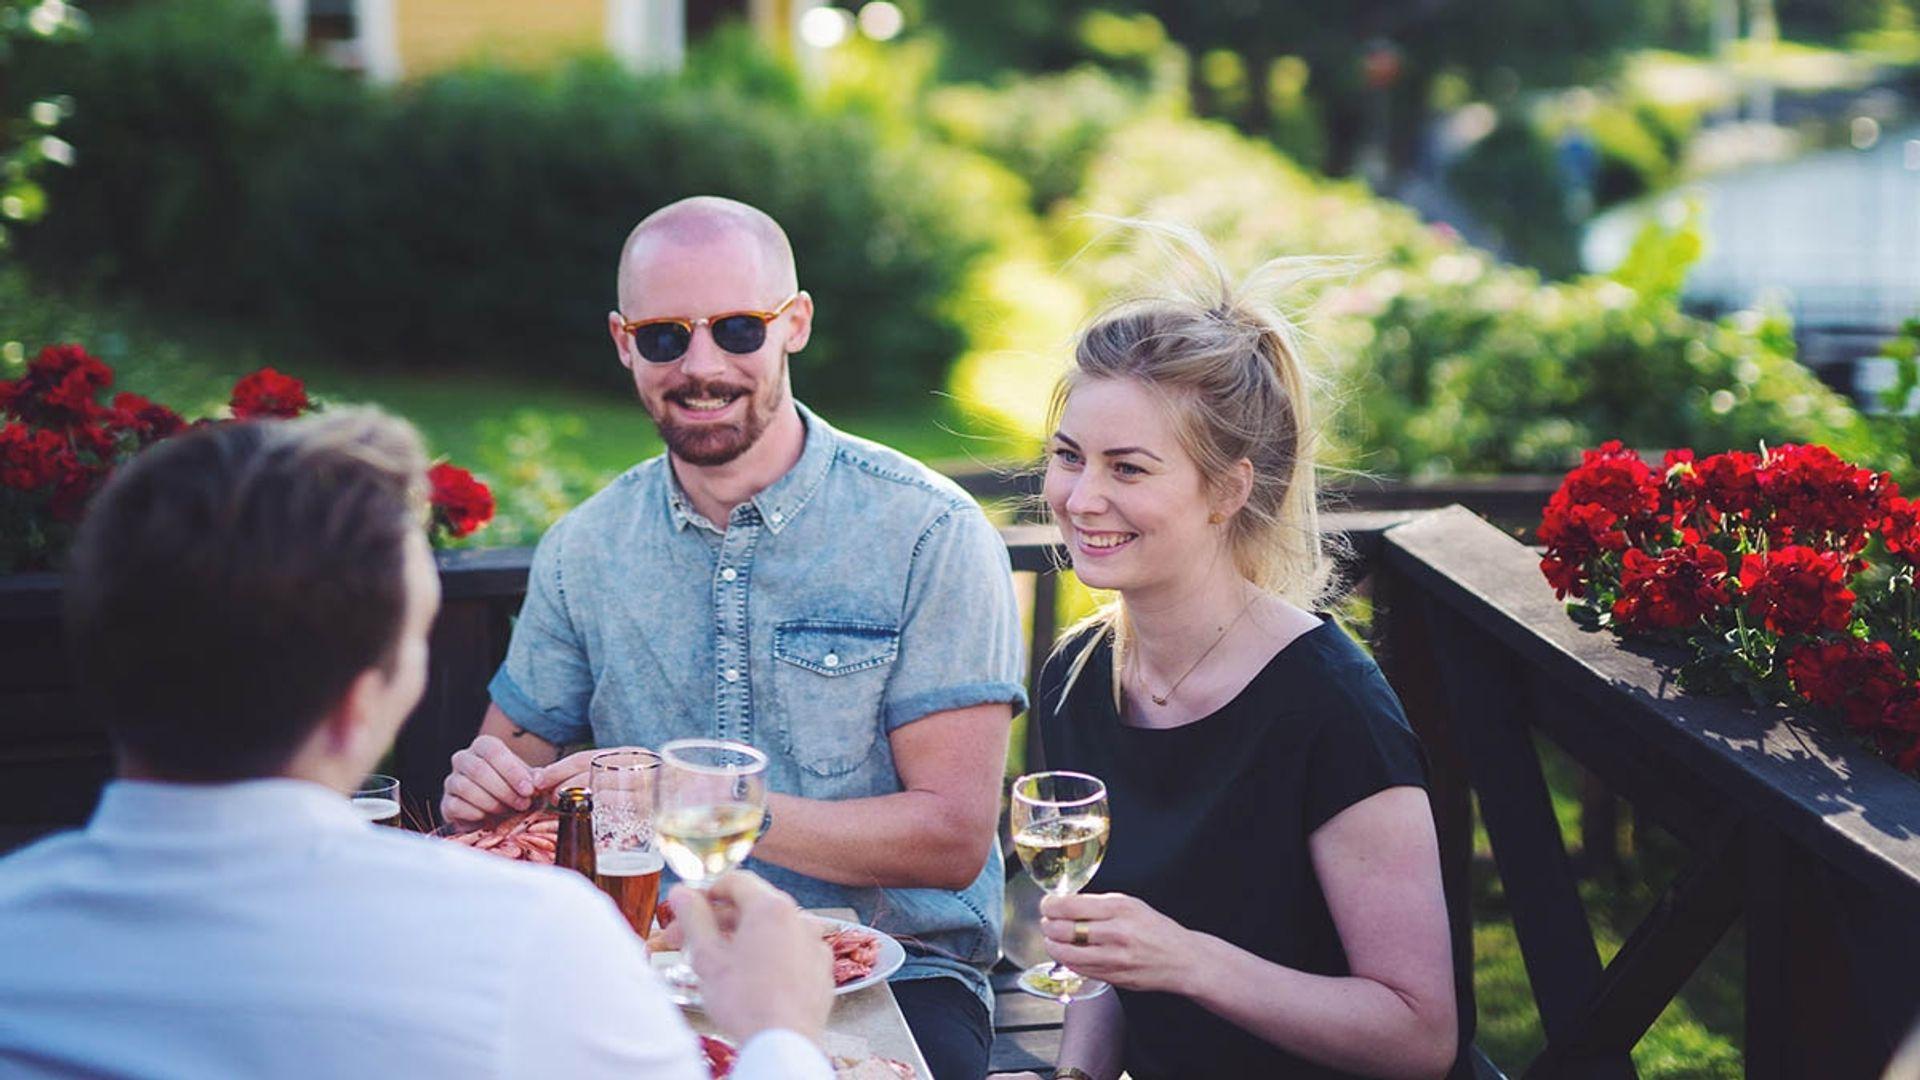 Två personer ler och håller i vinglas. Fotograf .Pressbild Linköping